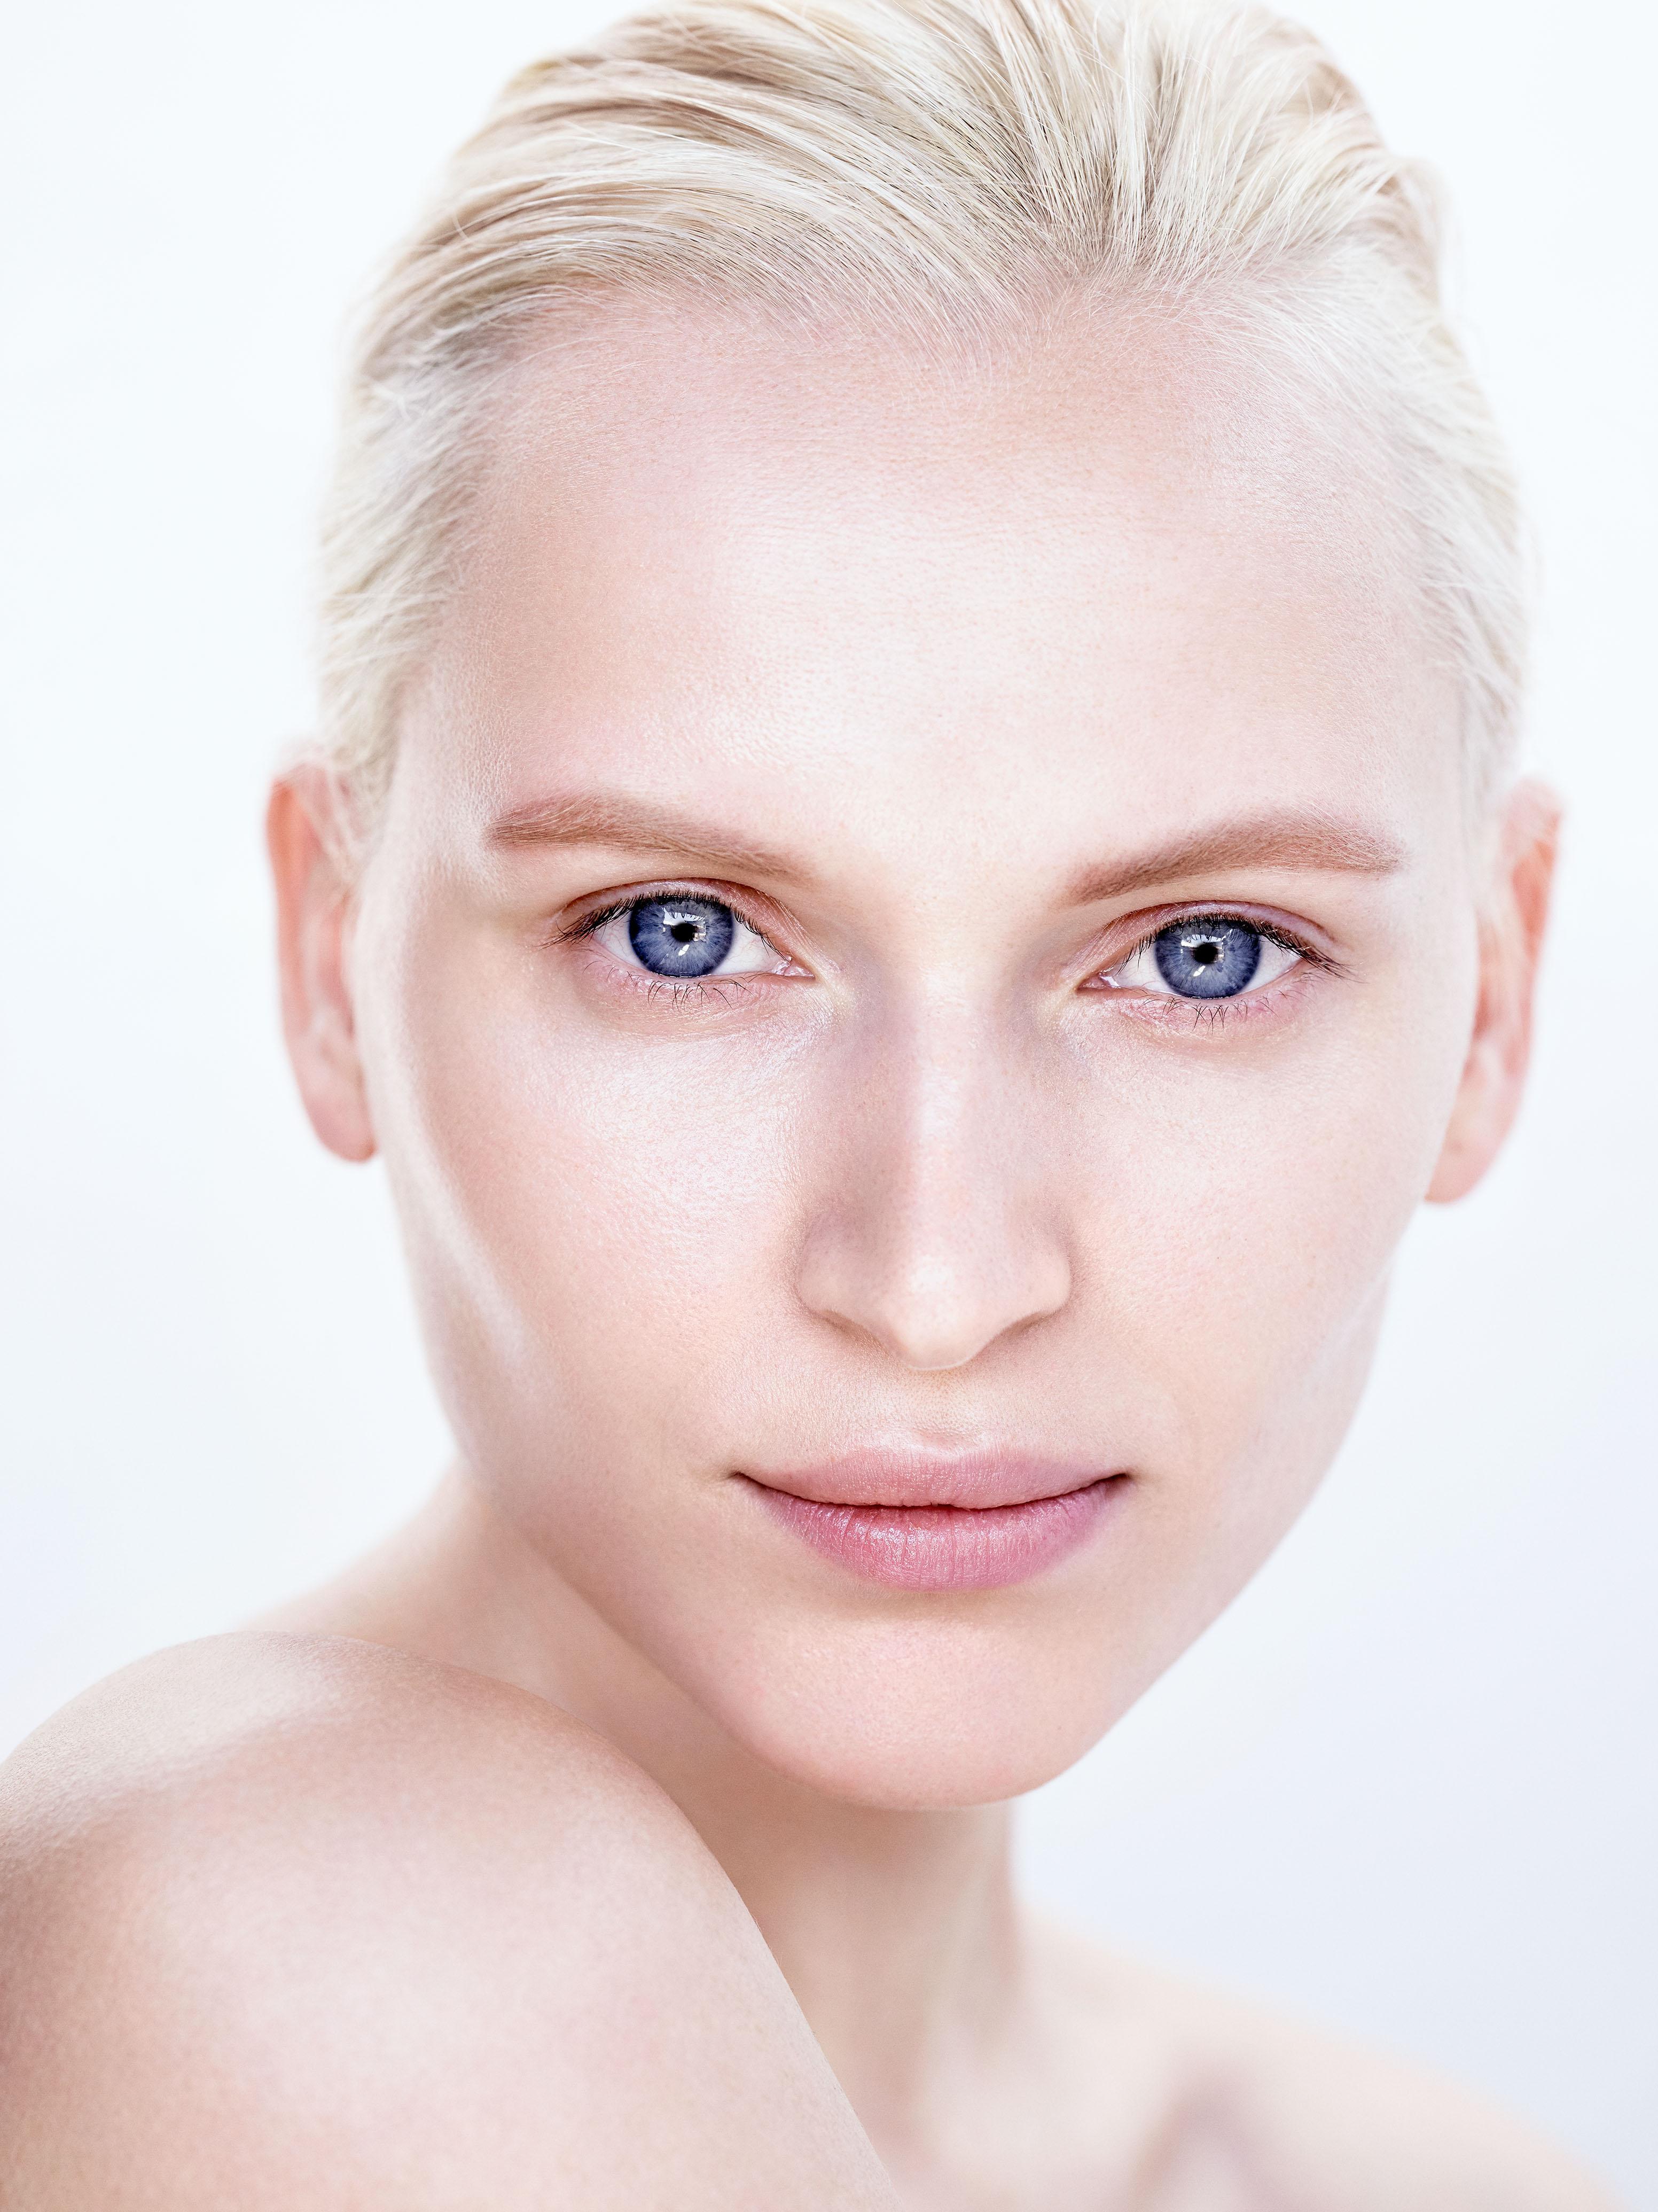 Foto para tratamiento de peeling facial natural de Aveda